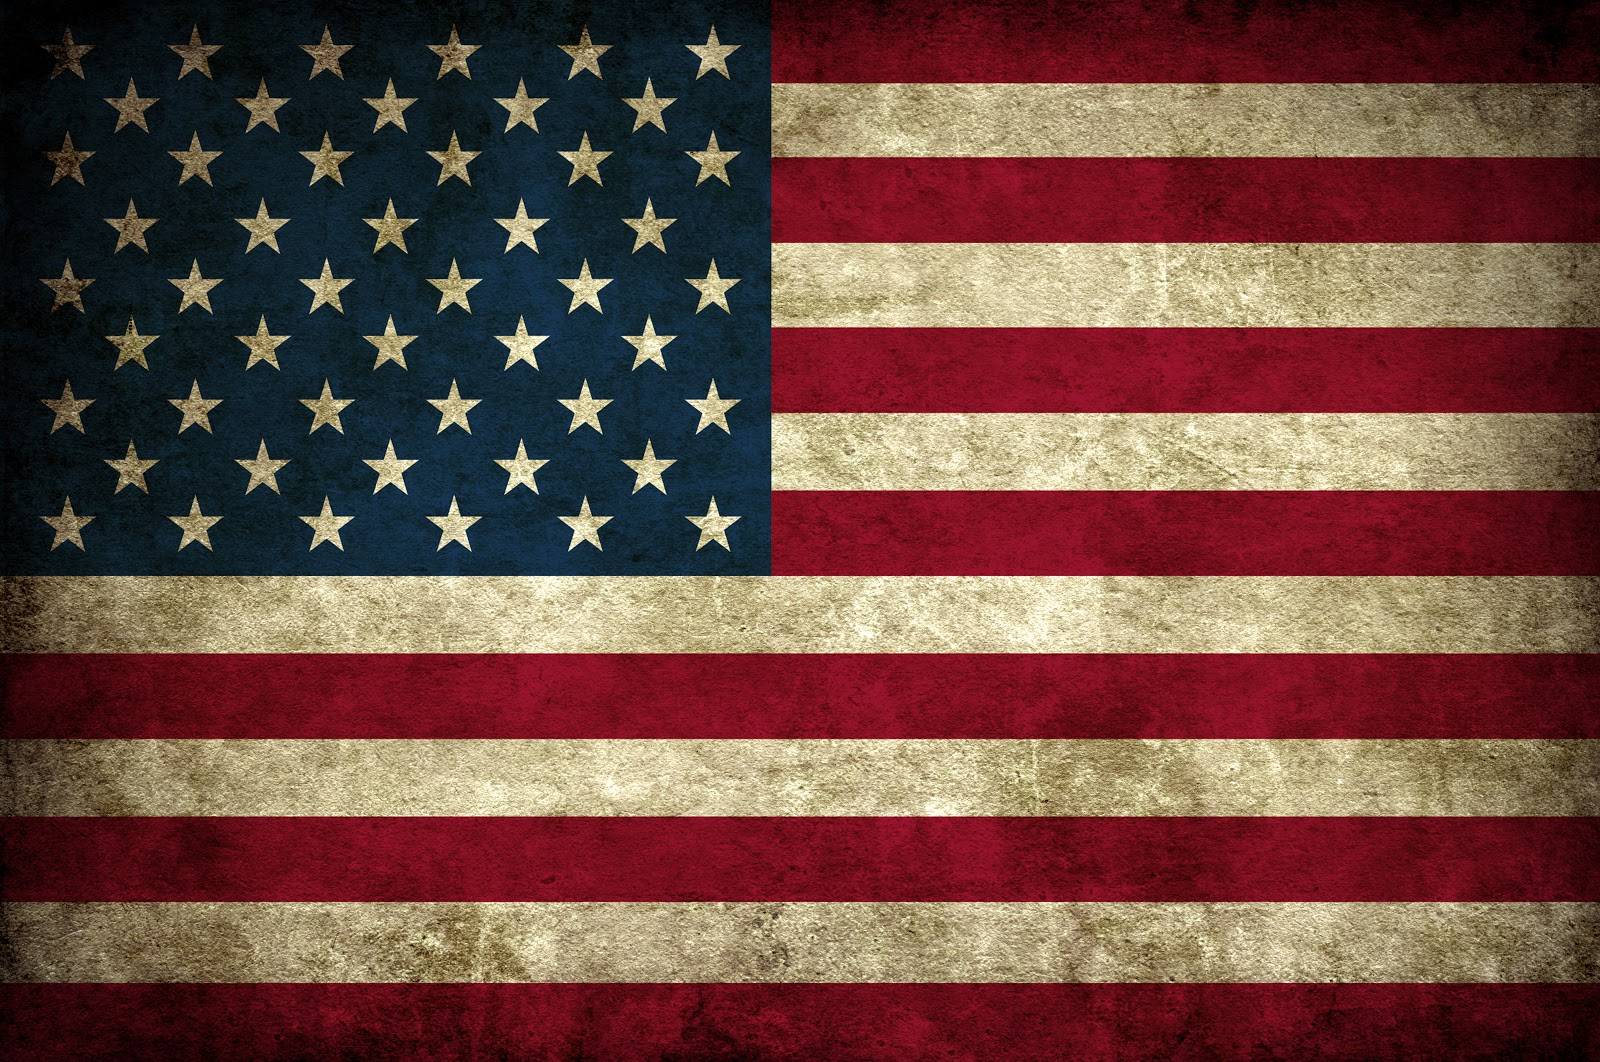 http://2.bp.blogspot.com/-HL6JEHms_ls/UJanq6_a6aI/AAAAAAAAA38/45bw-TJdVBQ/s1600/USA_Grunge_Flag_by_xxoblivionxx.jpg